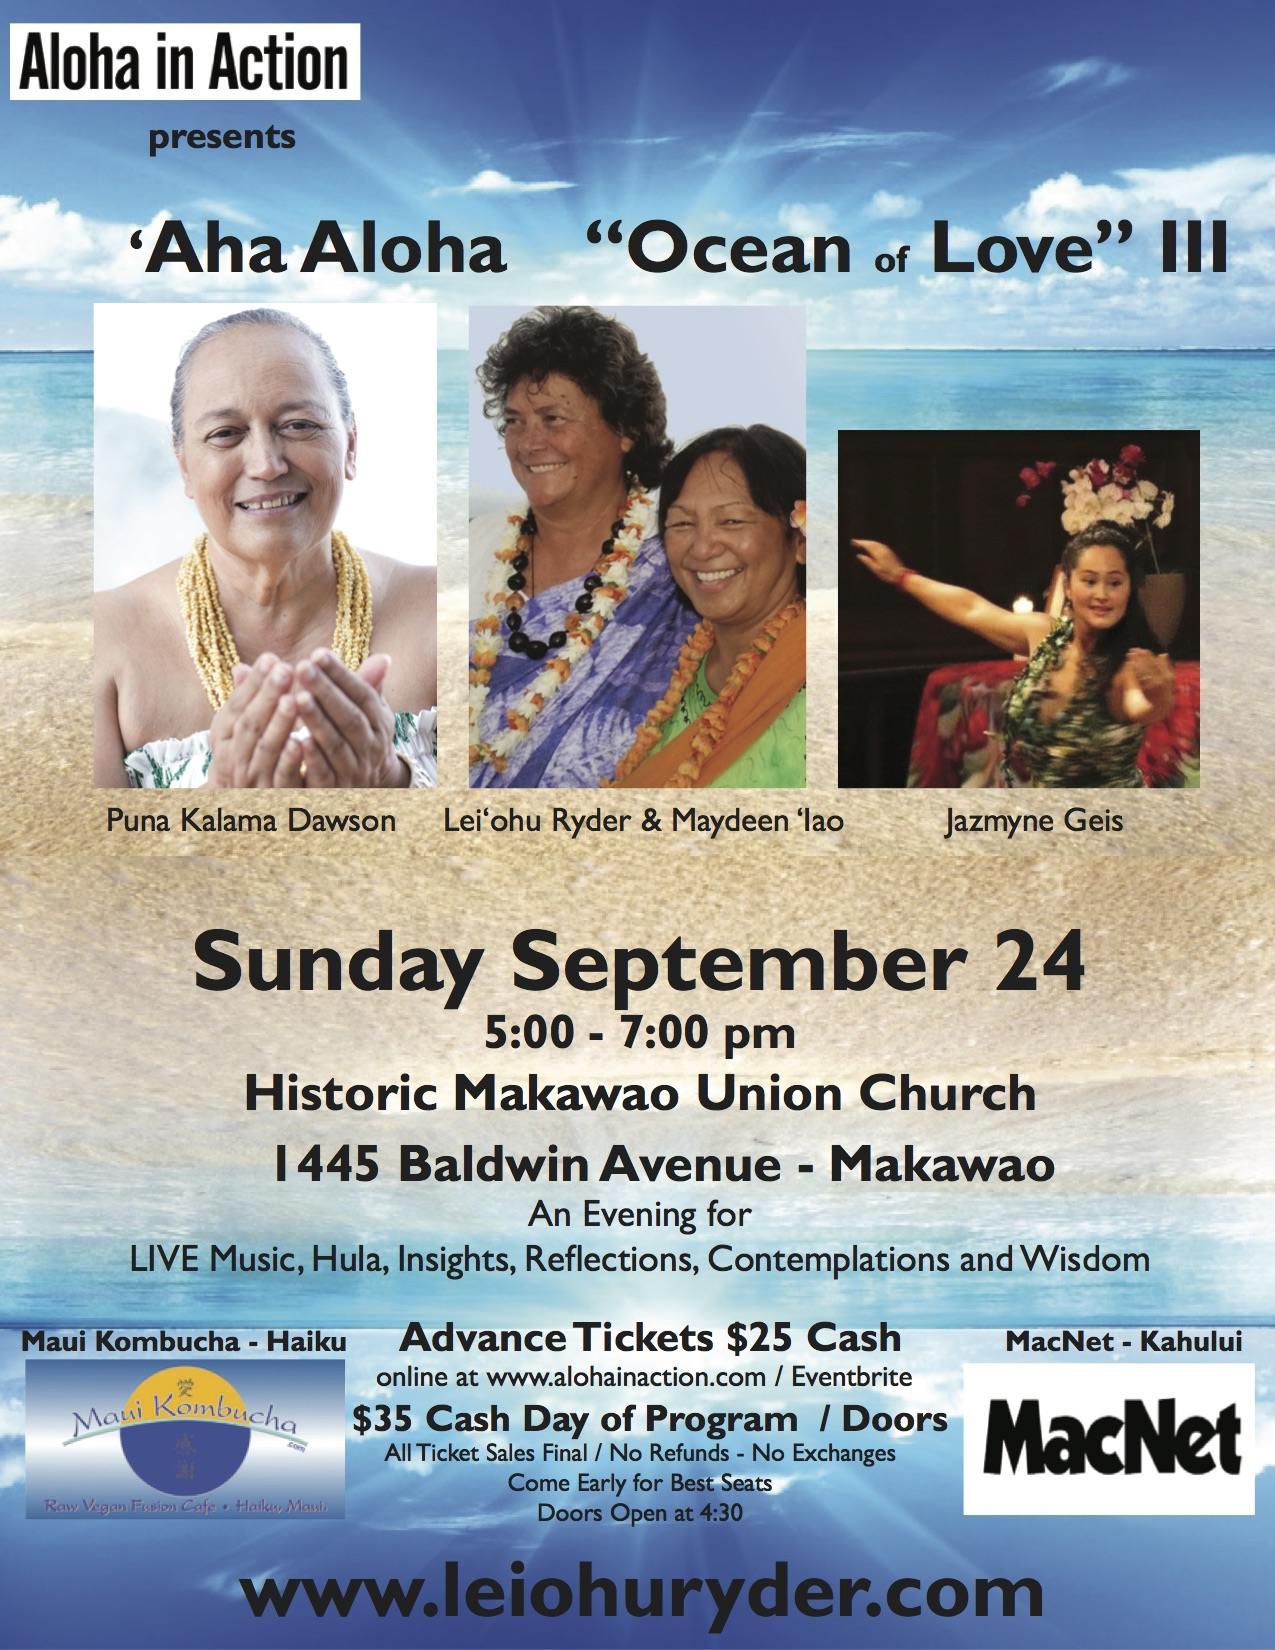 'Aha Aloha